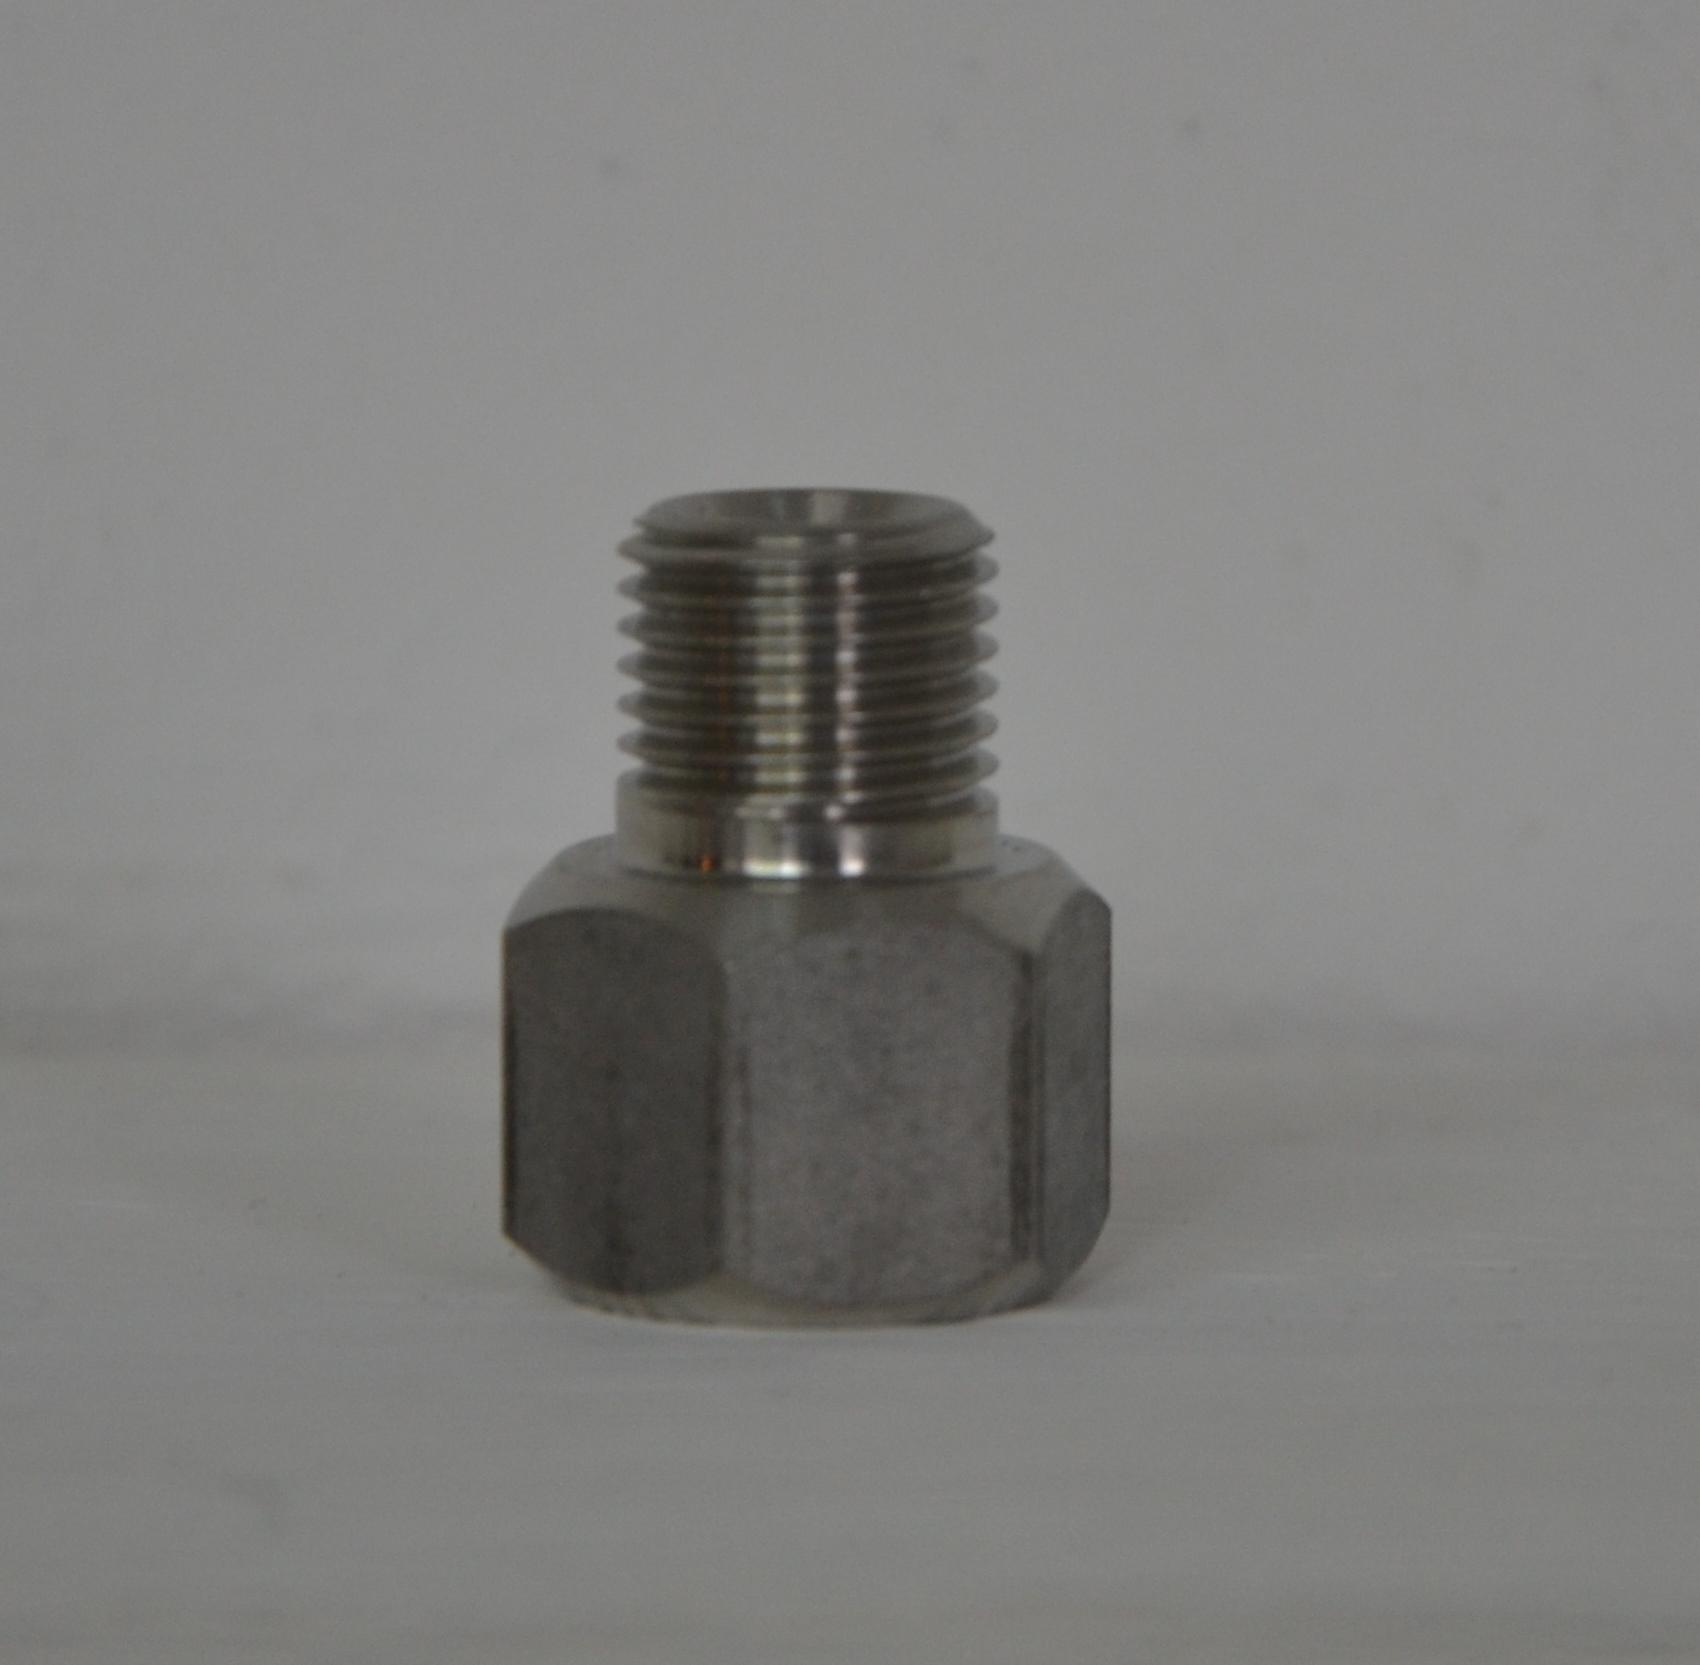 """Verloop nippel van lasnippel naar 1/4"""" buitendraad  Image"""